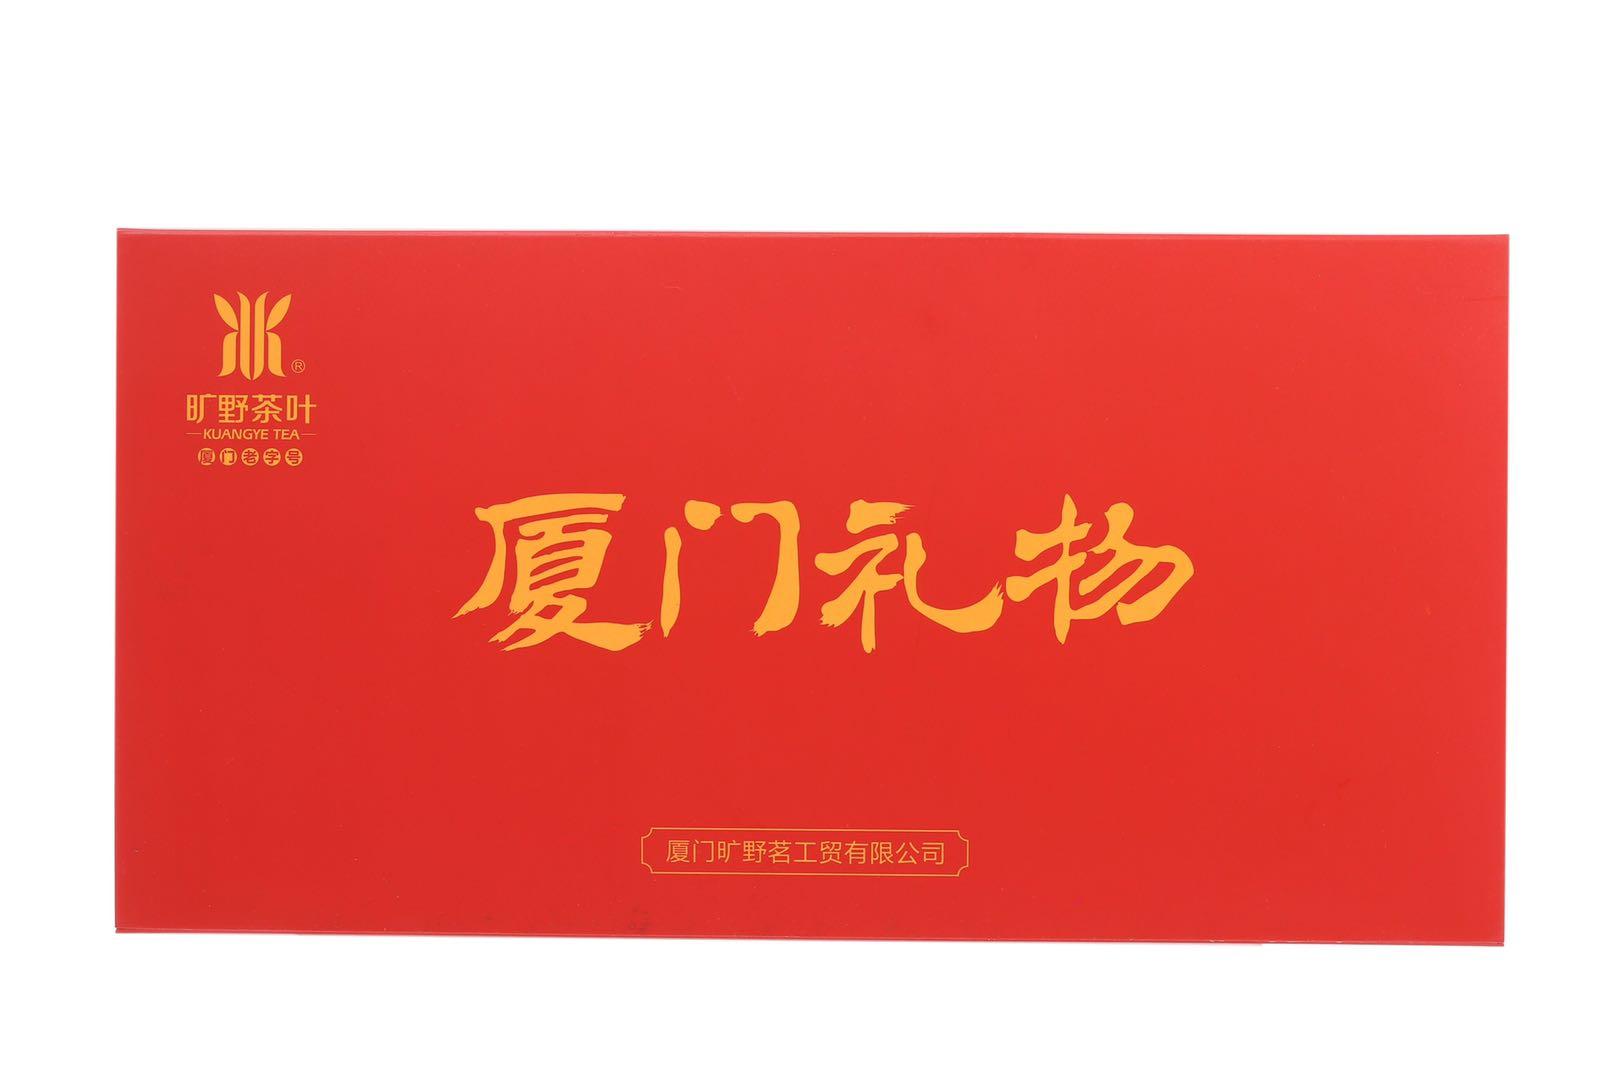 漳州巖茶大紅袍招商 信息推薦「廈門曠野茗工貿供應」